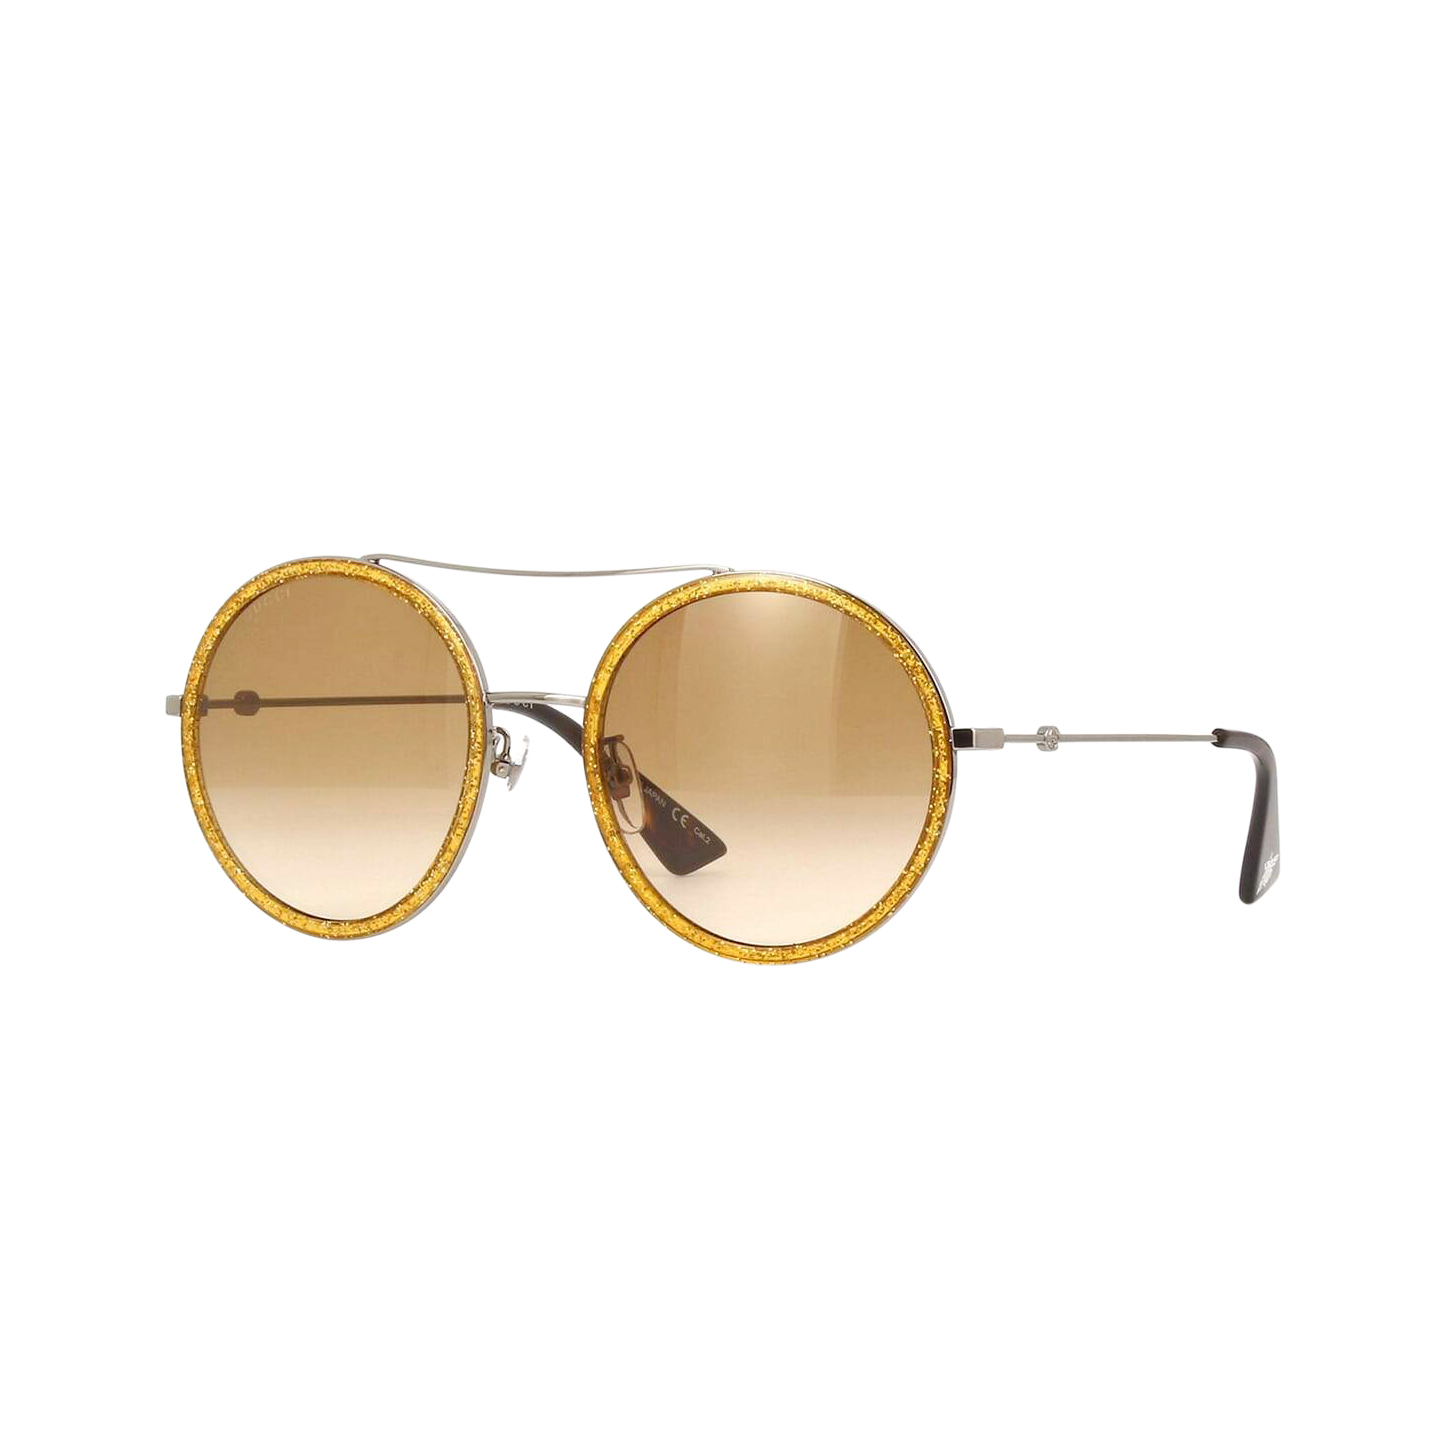 Gucci GG0061S Yellow Glitter Round Aviator Sunglasses